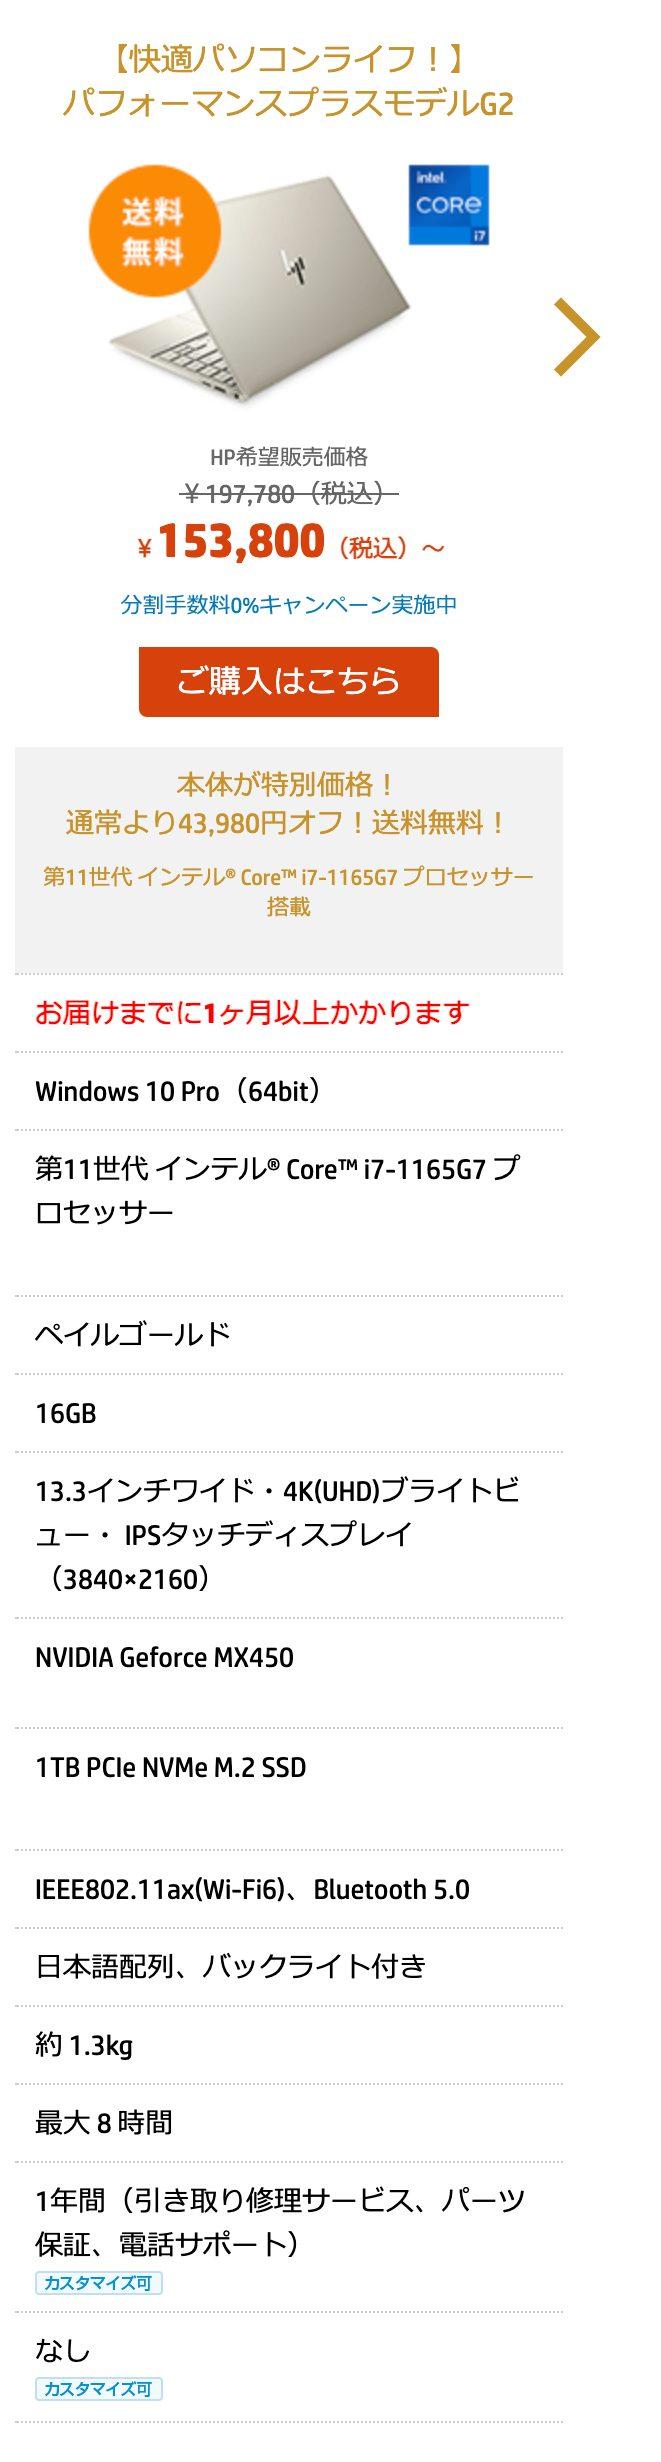 HP ENVY 13-ba 製品詳細 - ノートパソコン - 日本HP - jp.ext.hp.com